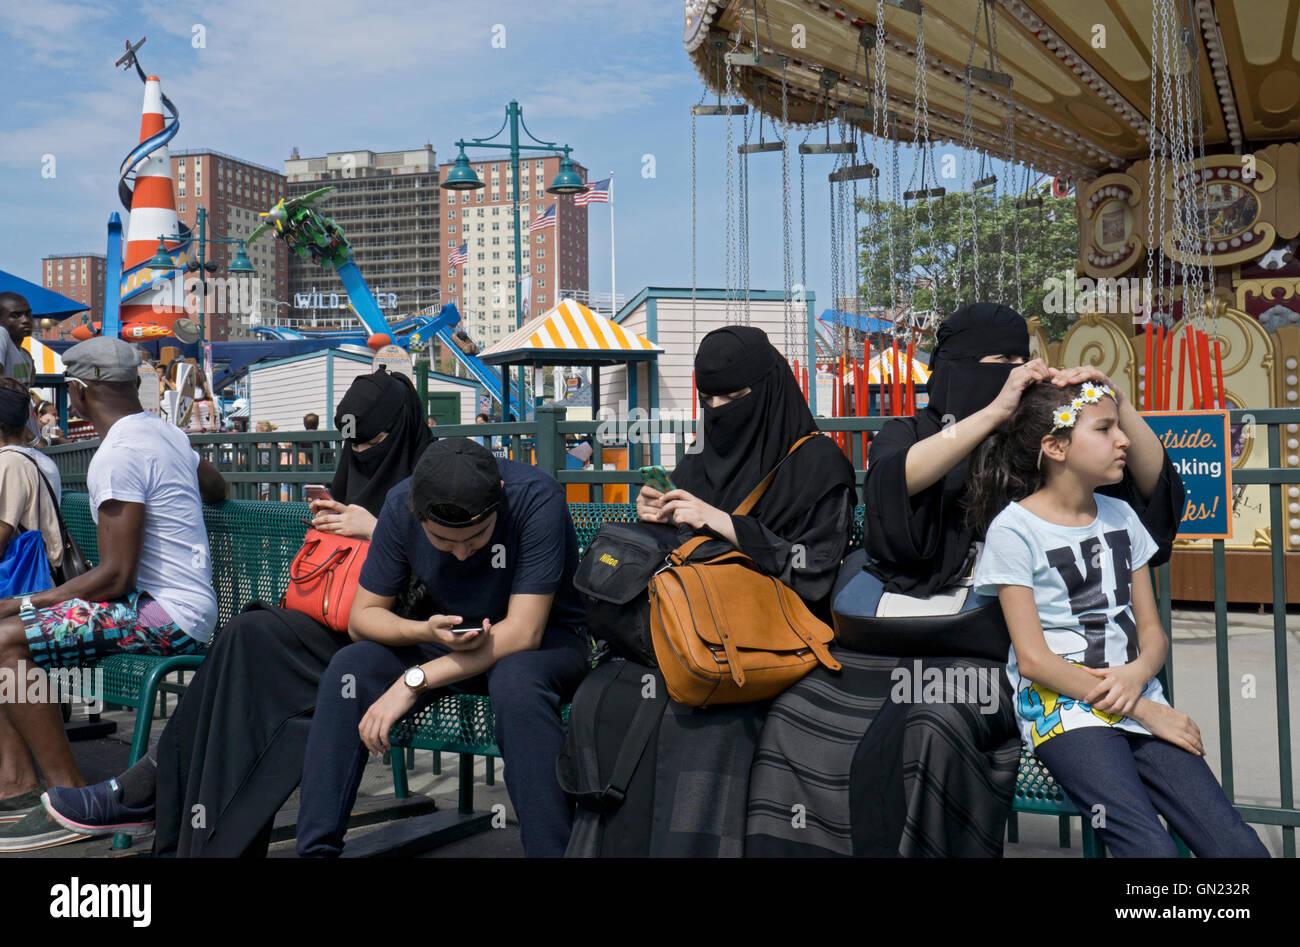 Une famille musulmane avec les femmes en burqas contre au Luna park de Coney Island, Brooklyn, New York. Photo Stock